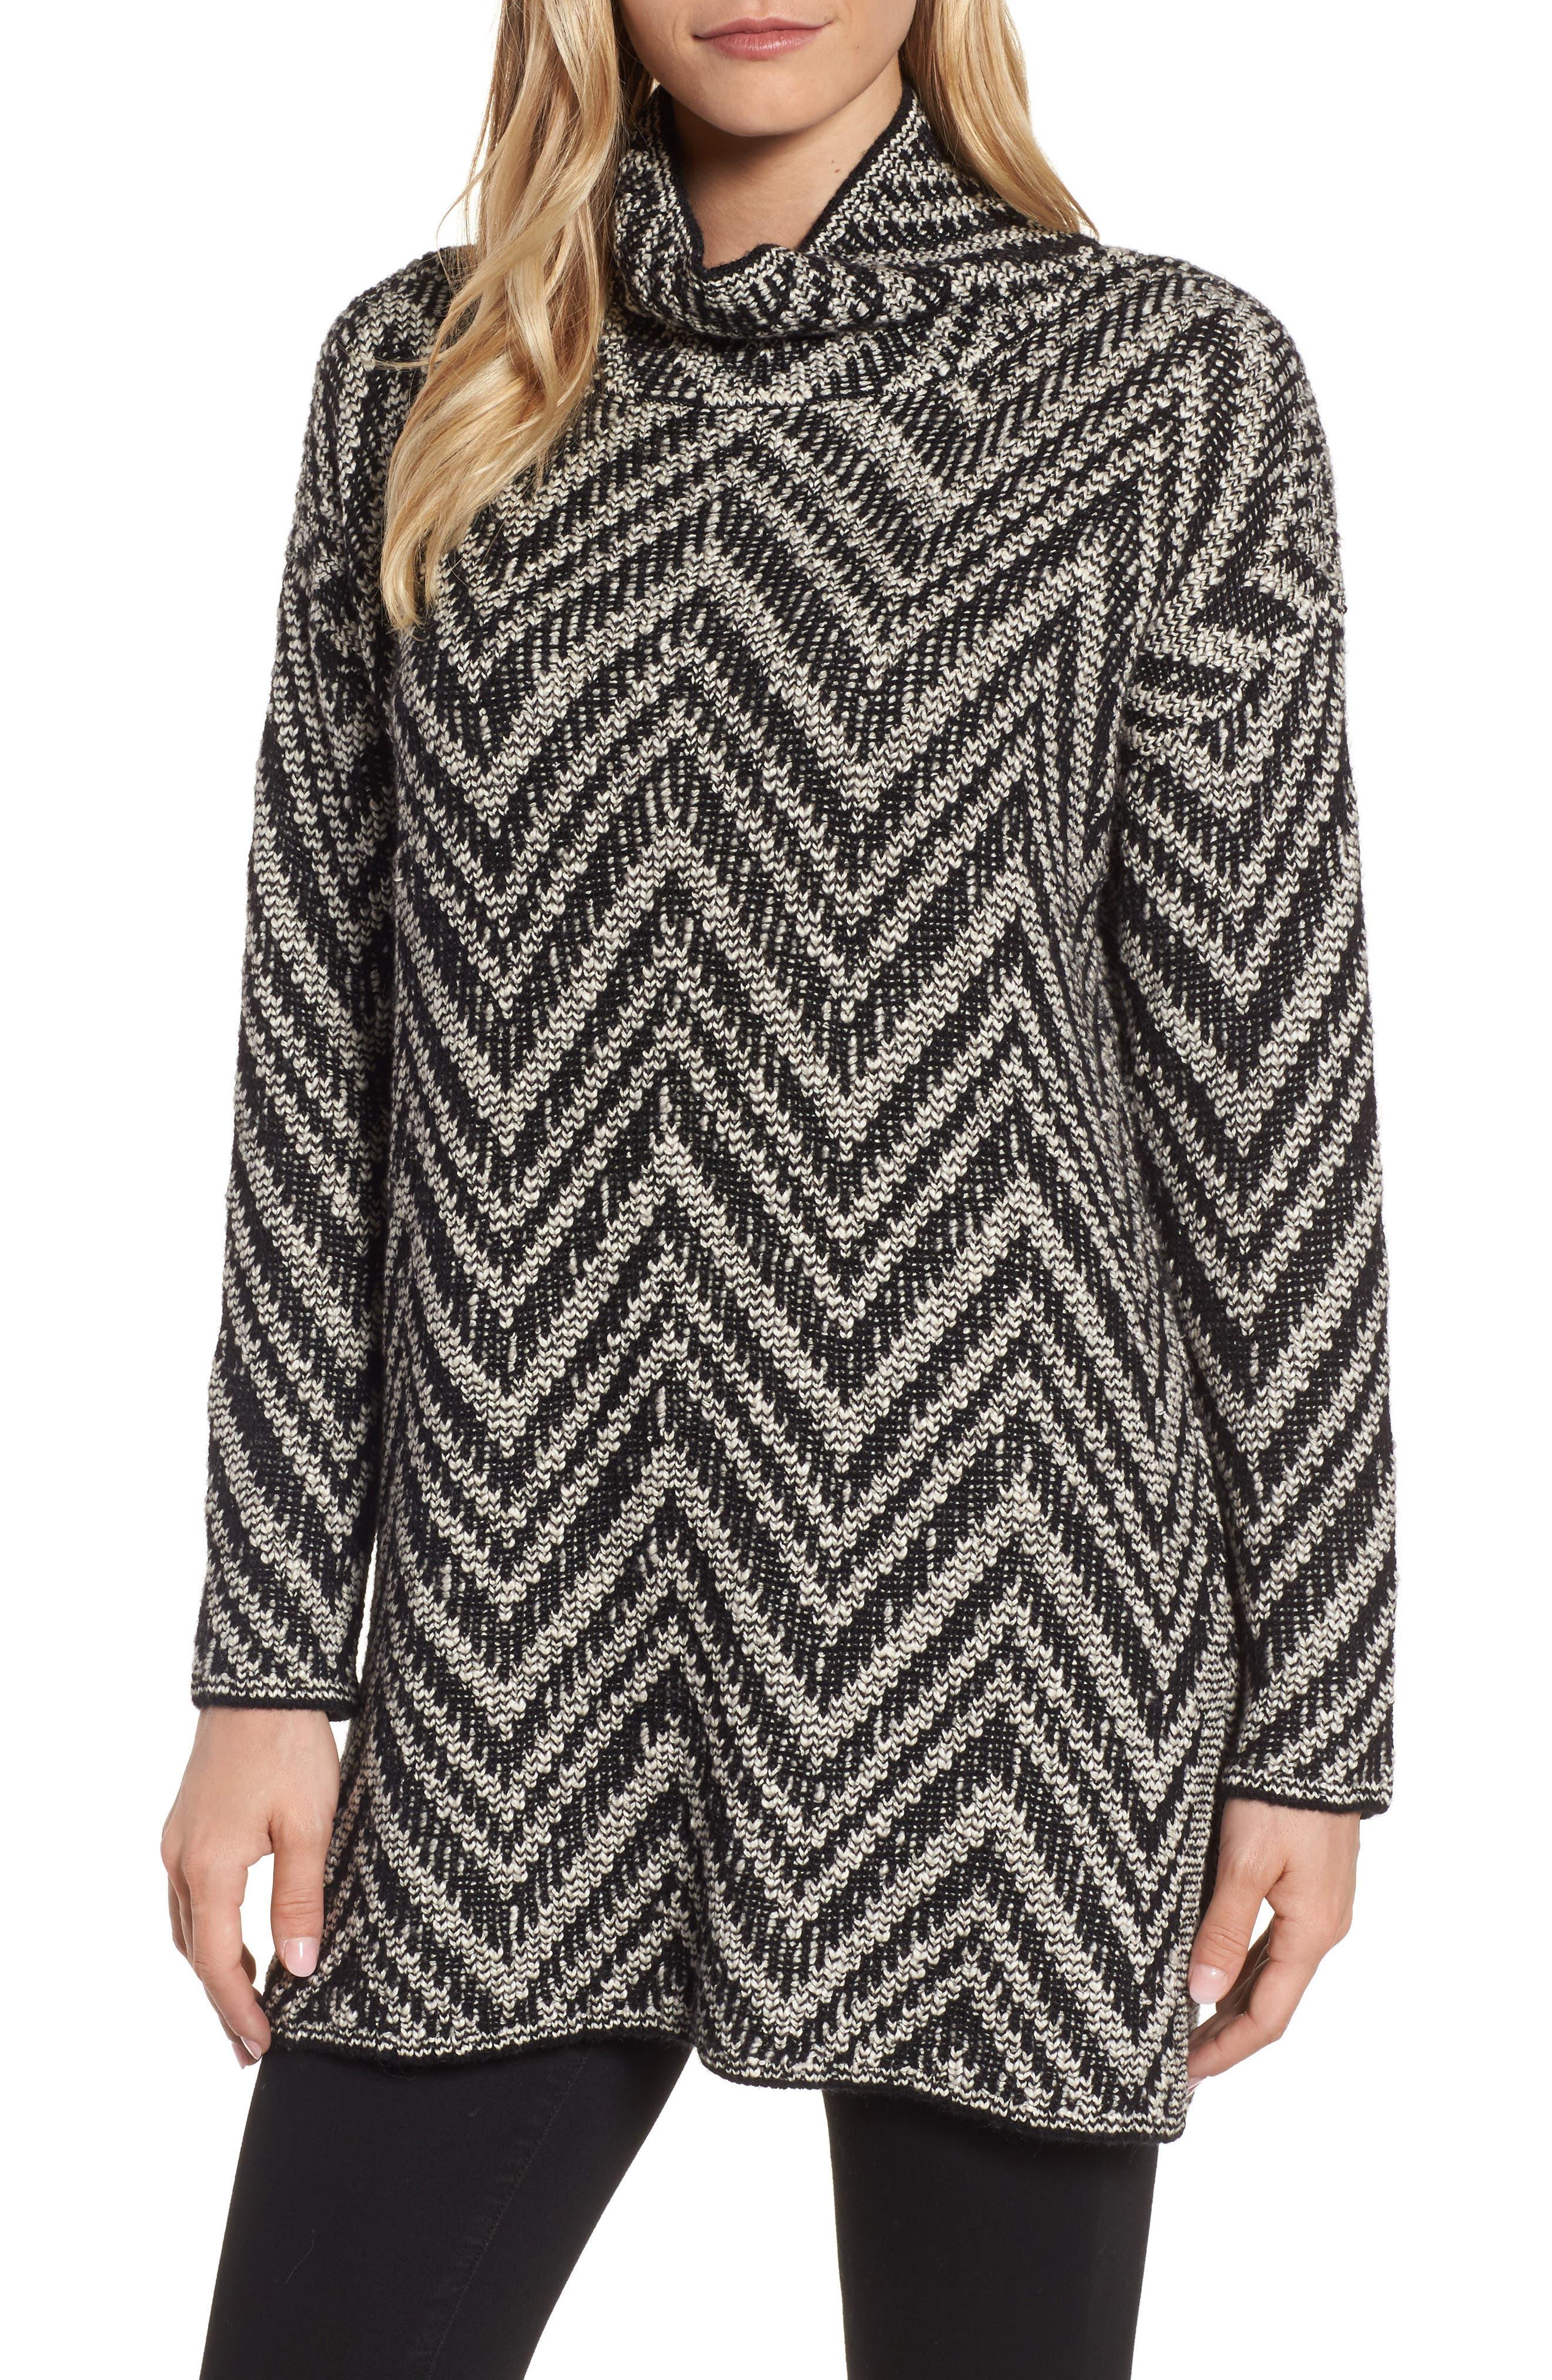 Zigzag Organic Cotton & Alpaca Tunic Sweater,                         Main,                         color, Black/ Soft White